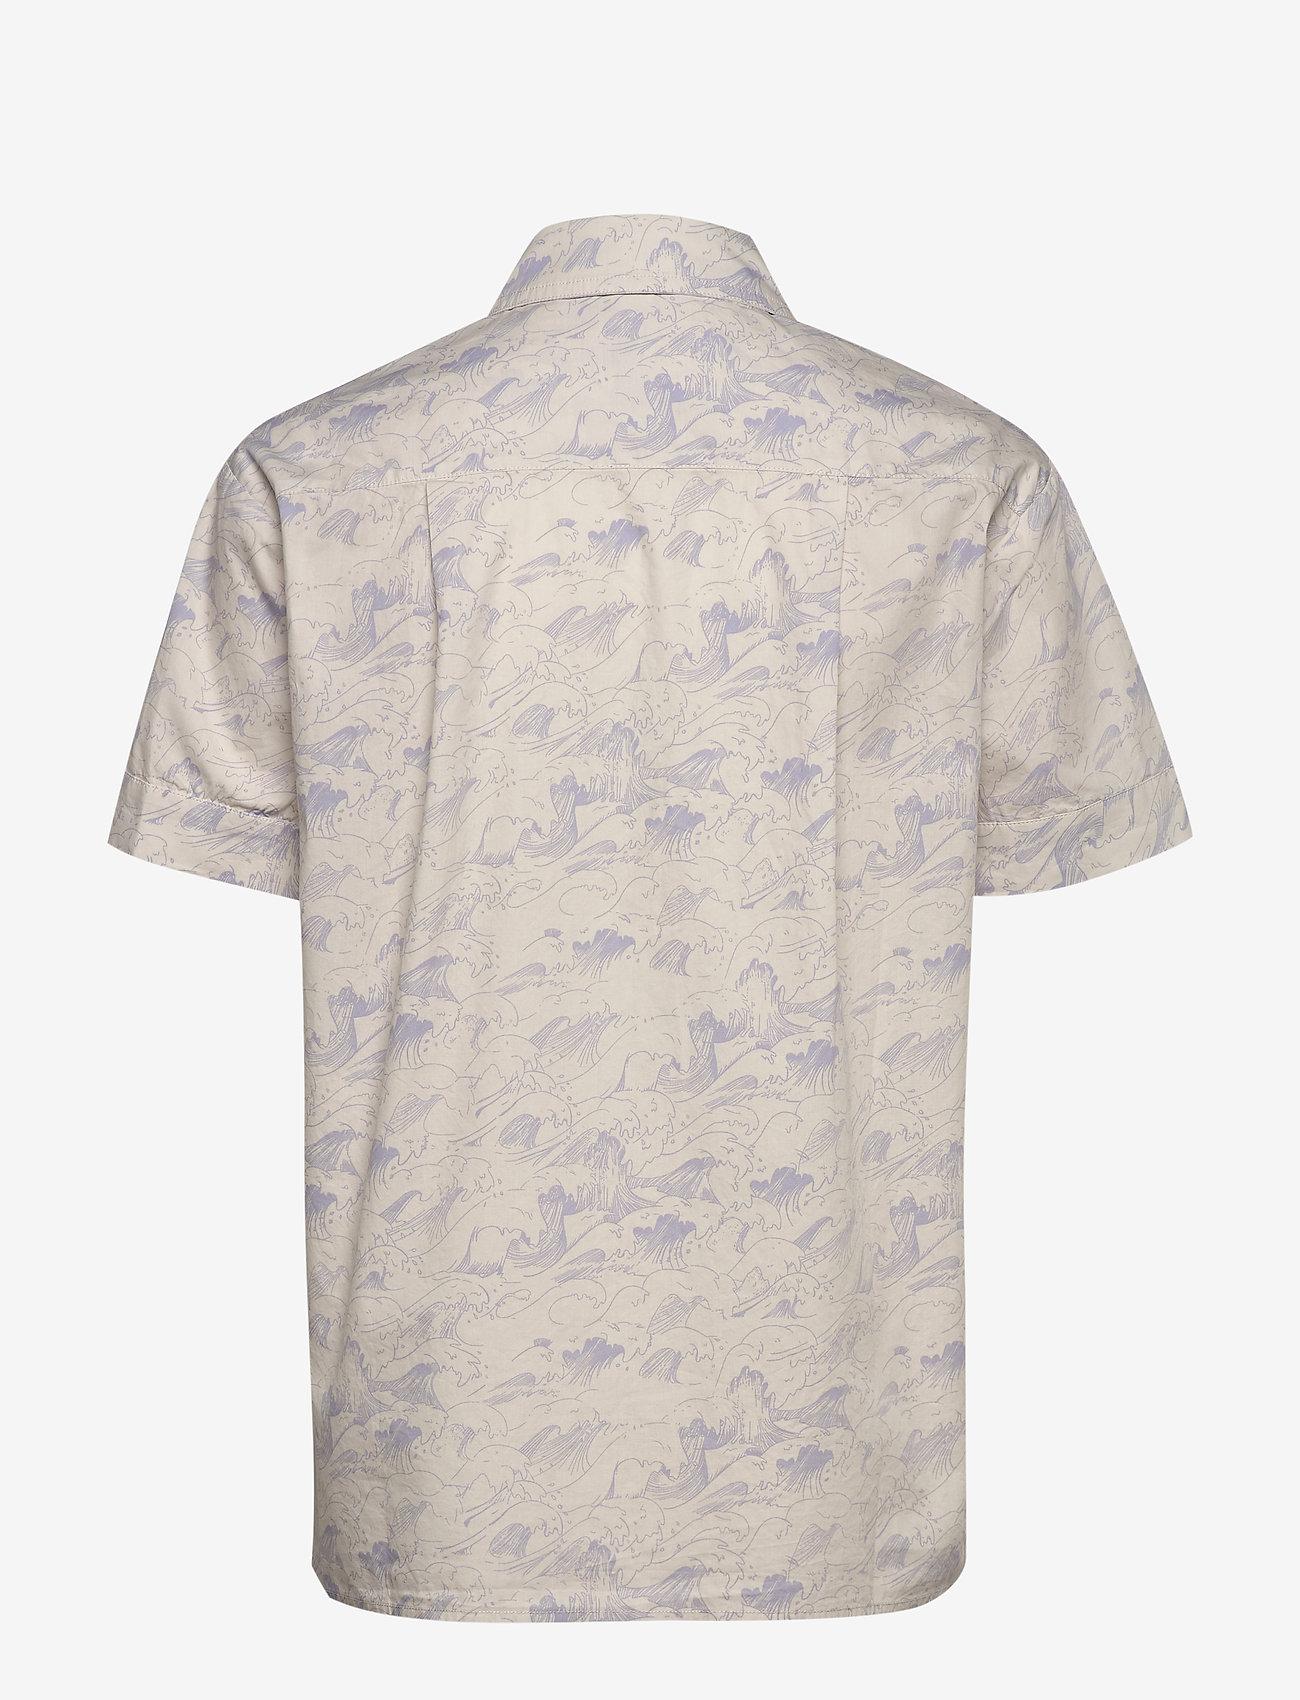 Enshane Ss Shirt Aop 6731 (Wave Aop) (448 kr) - Envii